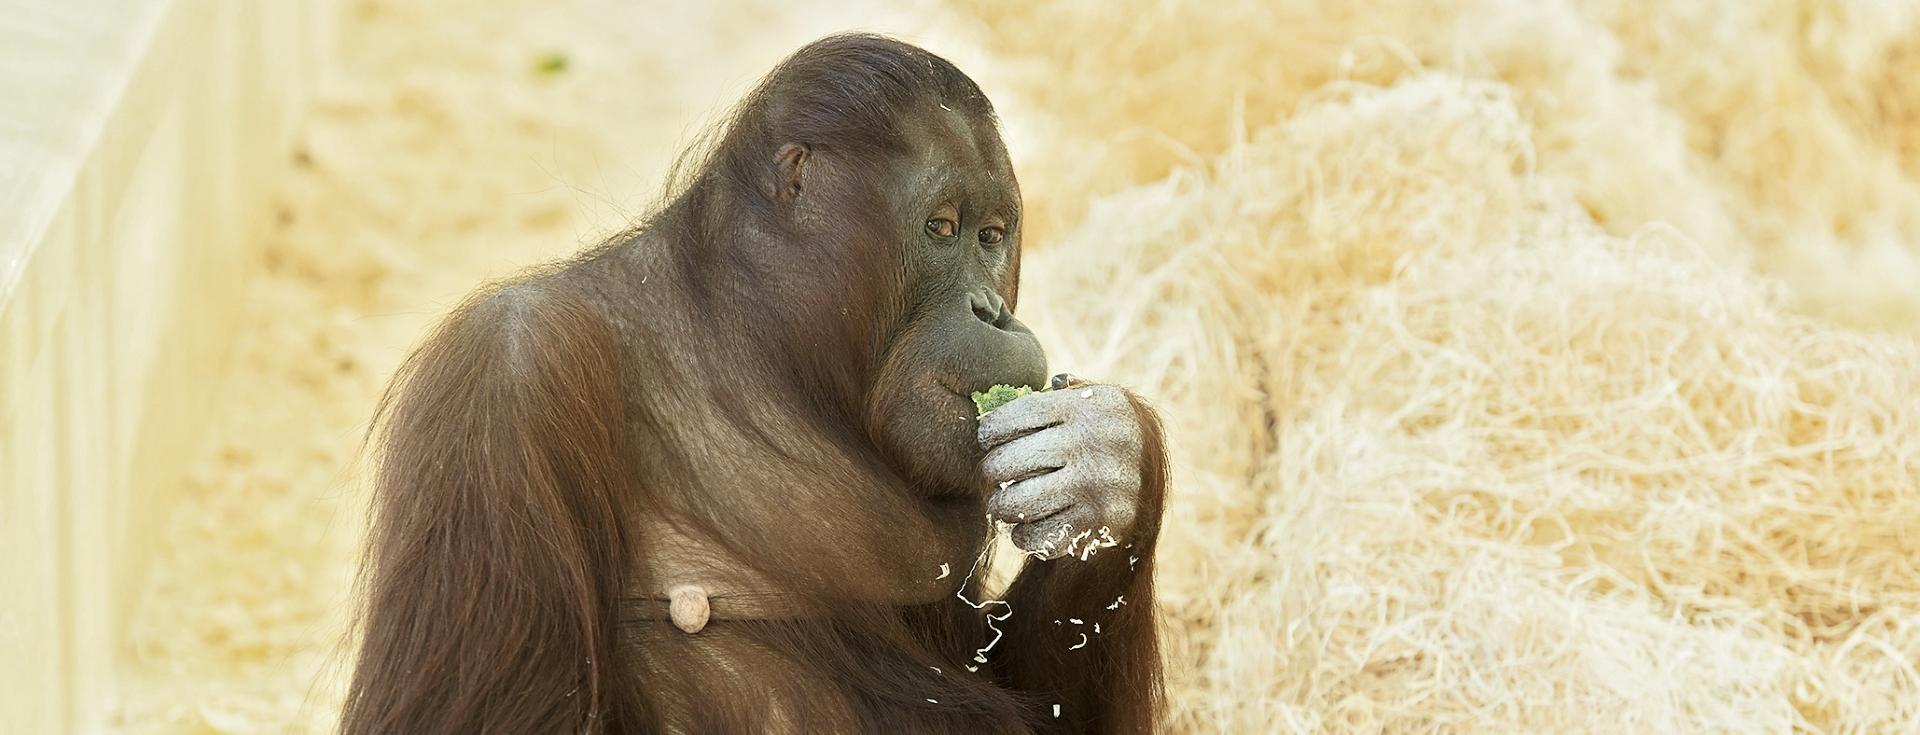 Bečki zoološki vrt očekuje mladunče orangutana